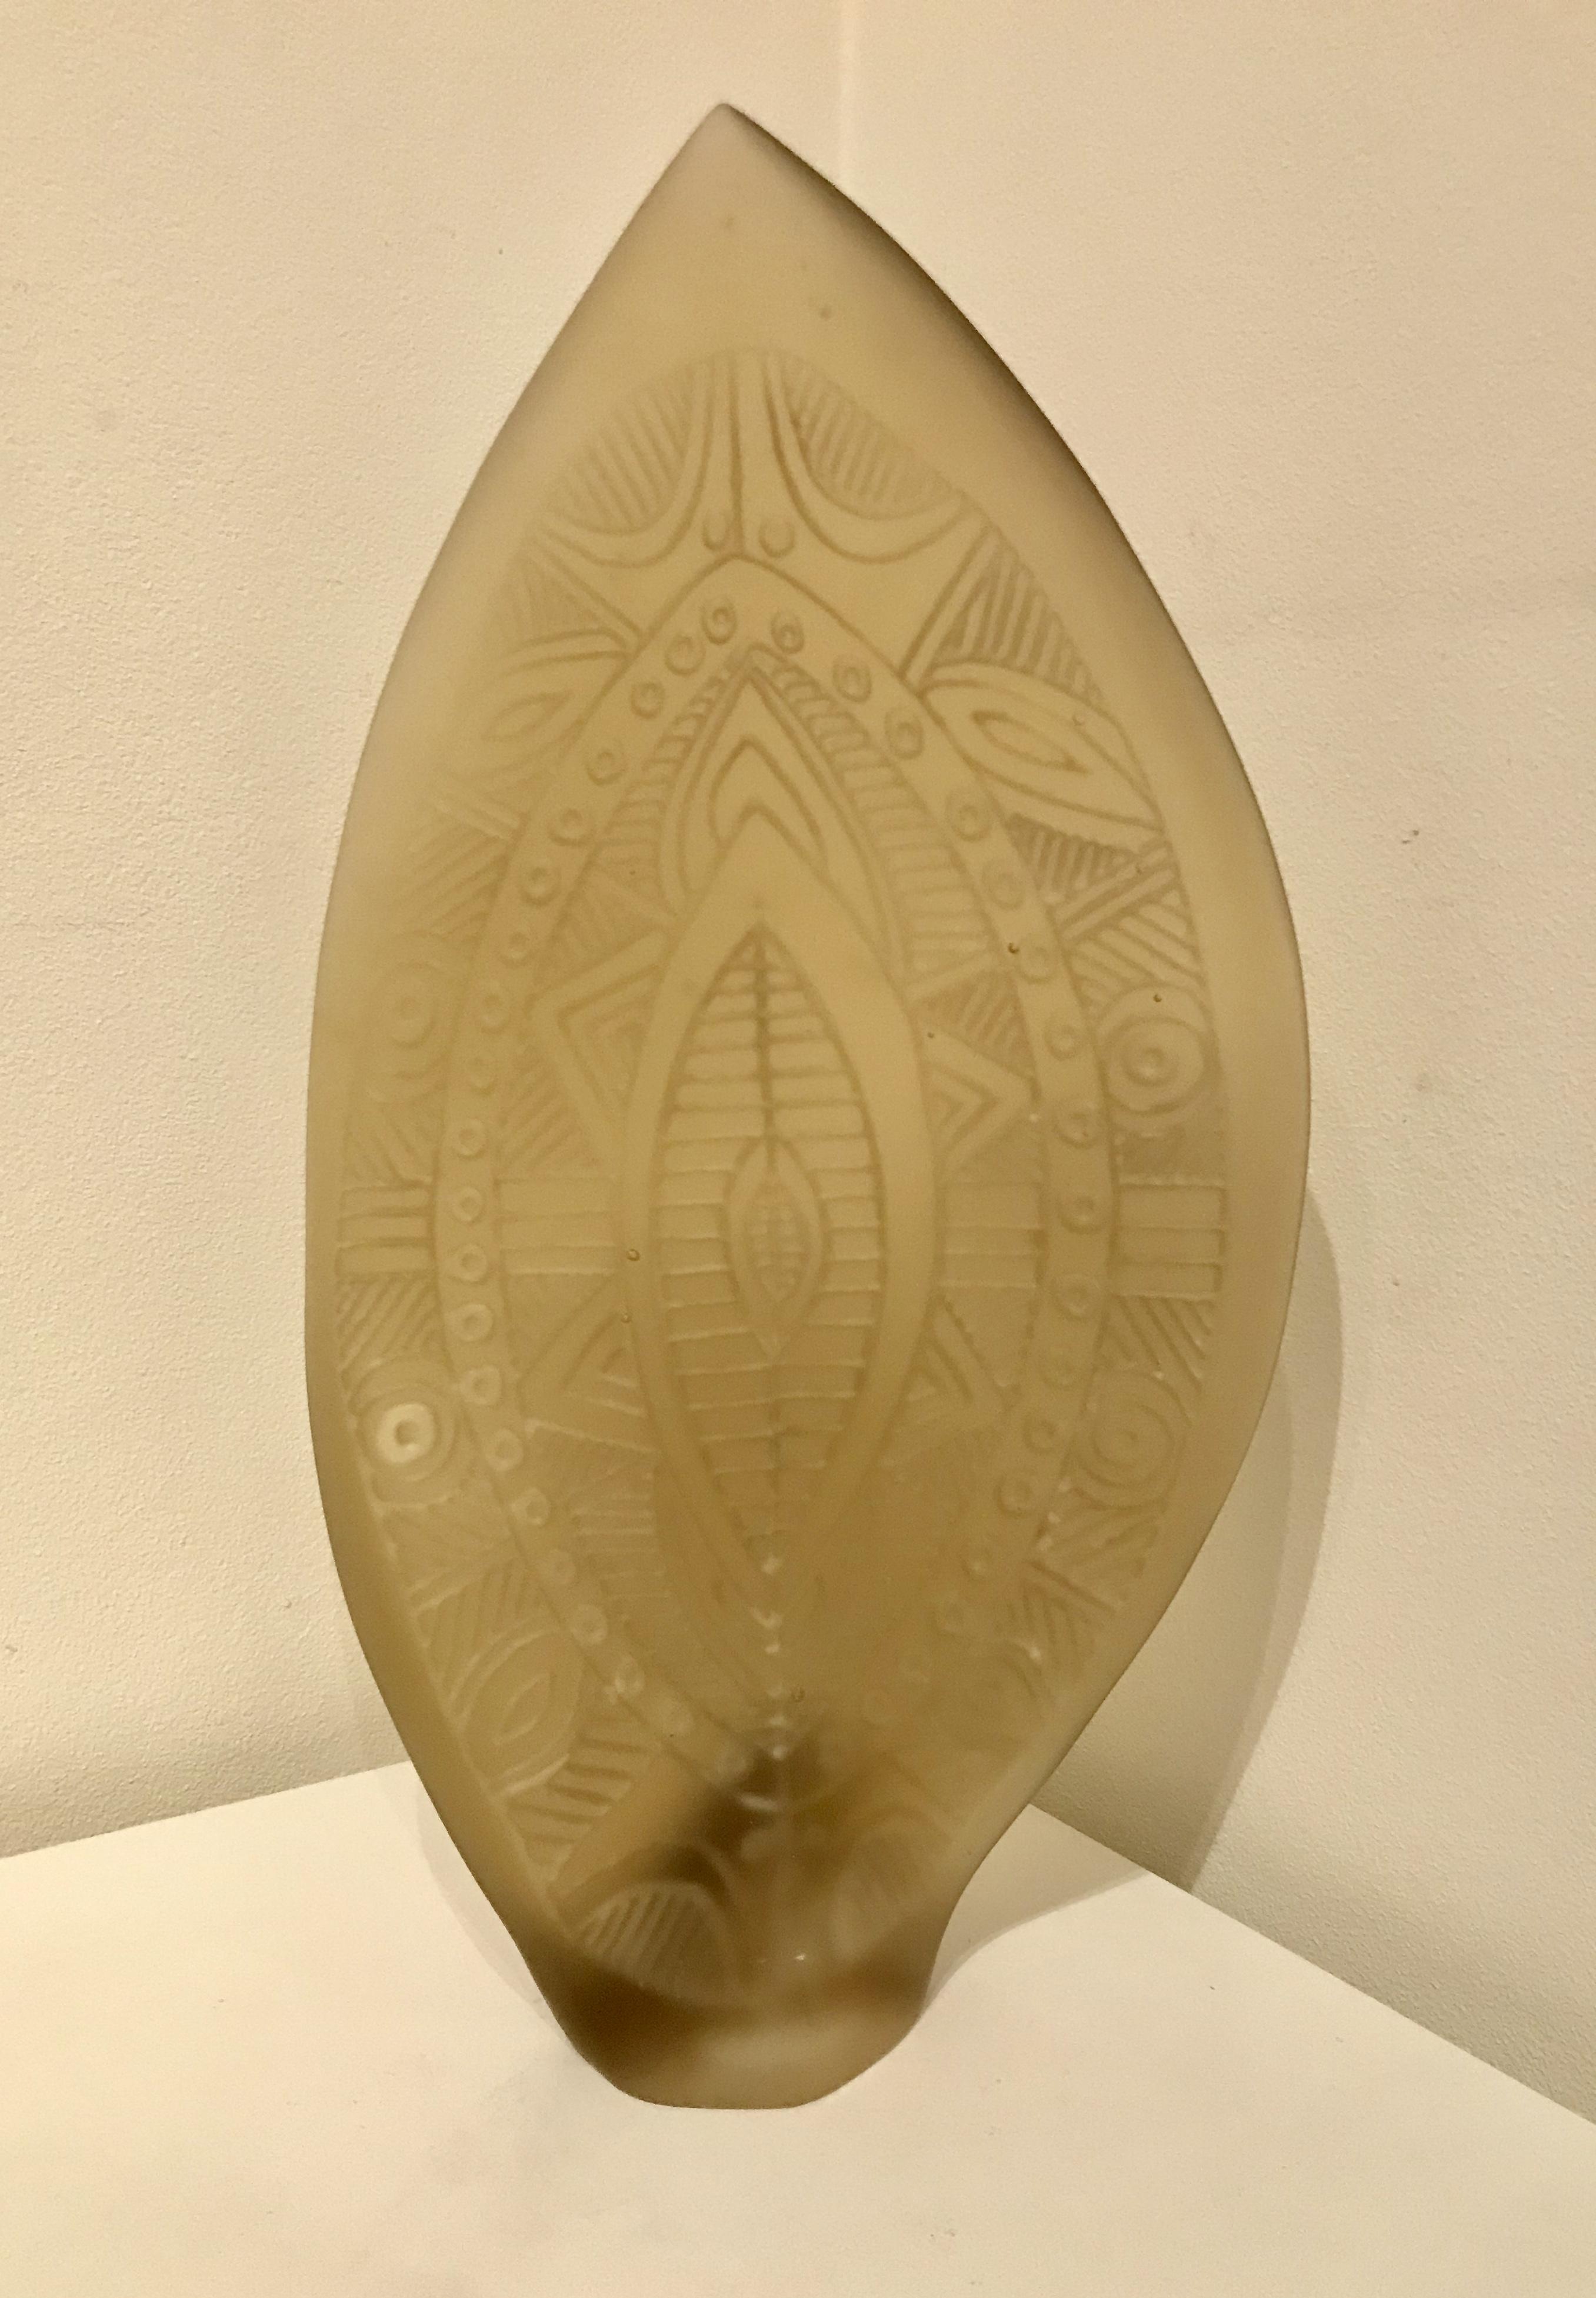 Art Atrium Tiwi Design Spear